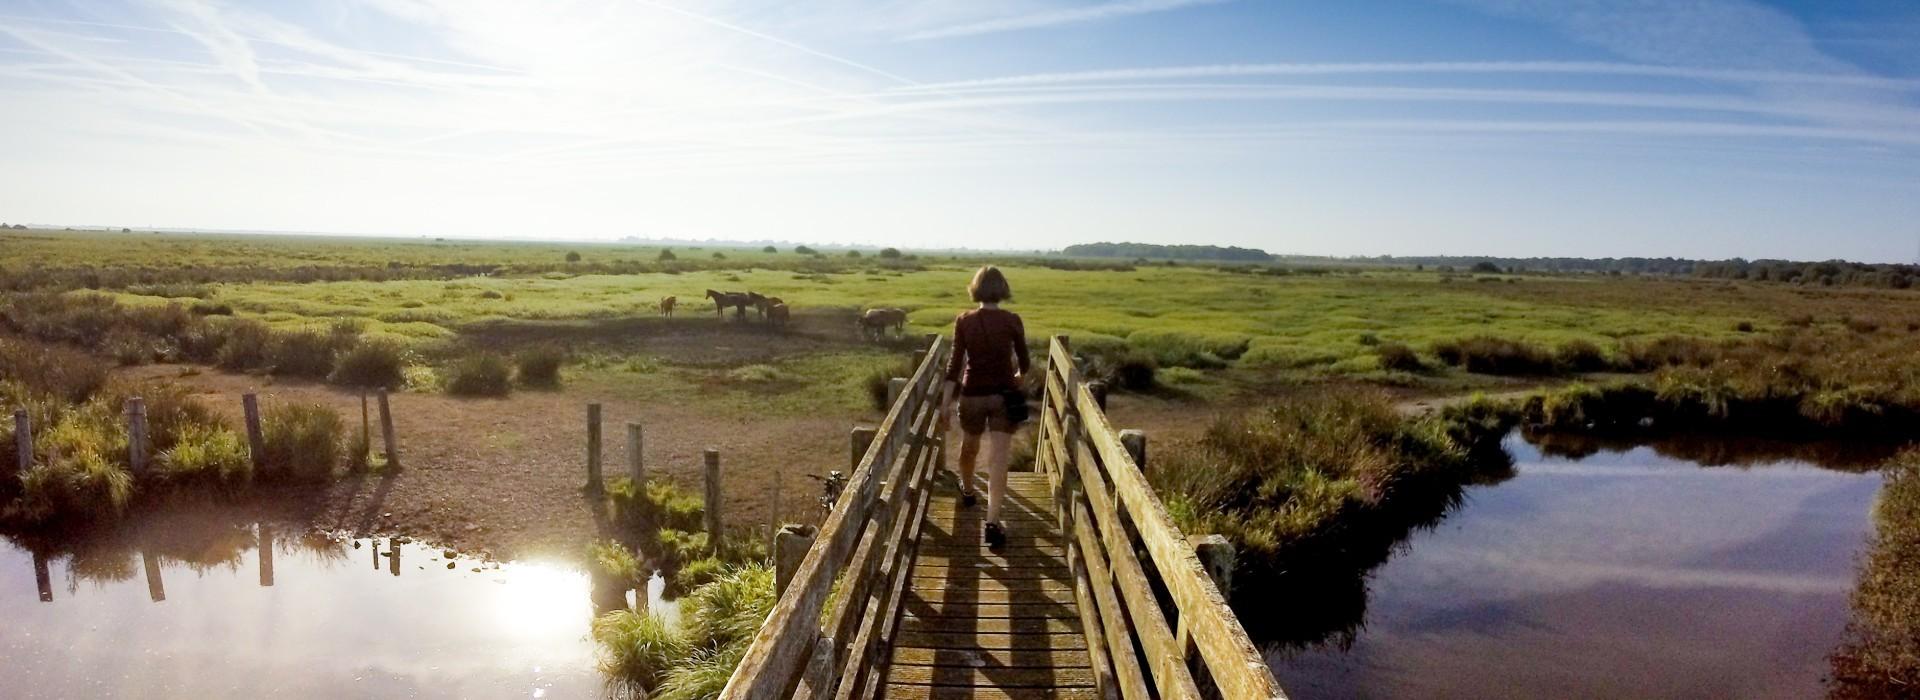 S'engager dans une démarche durable - Office de Tourisme intercommunal La Baule Guérande